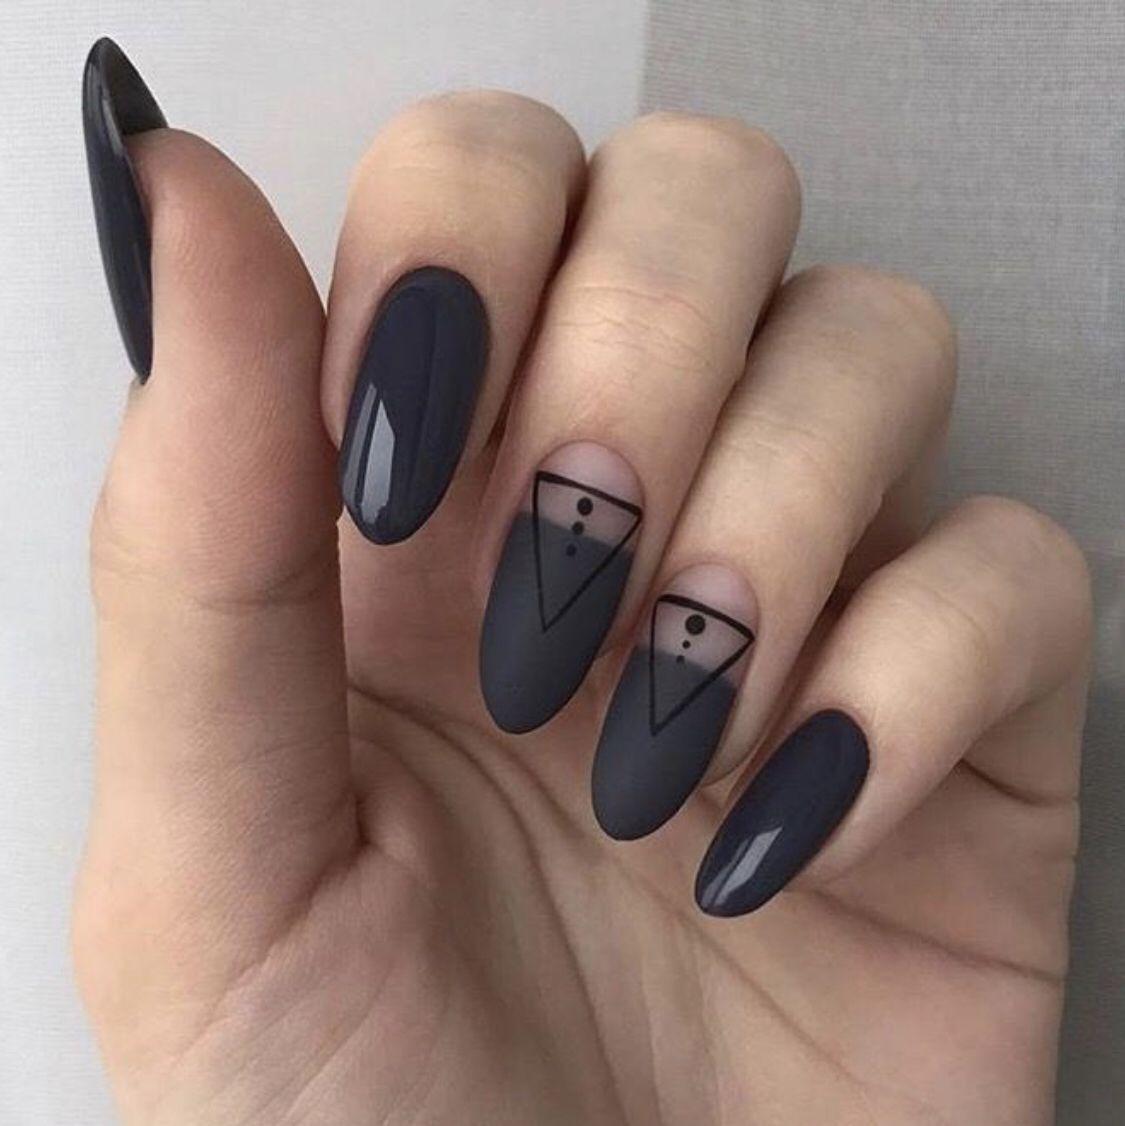 Pin by buddyyhrrr on Beauty in 2020 | Geometric nail, Cute